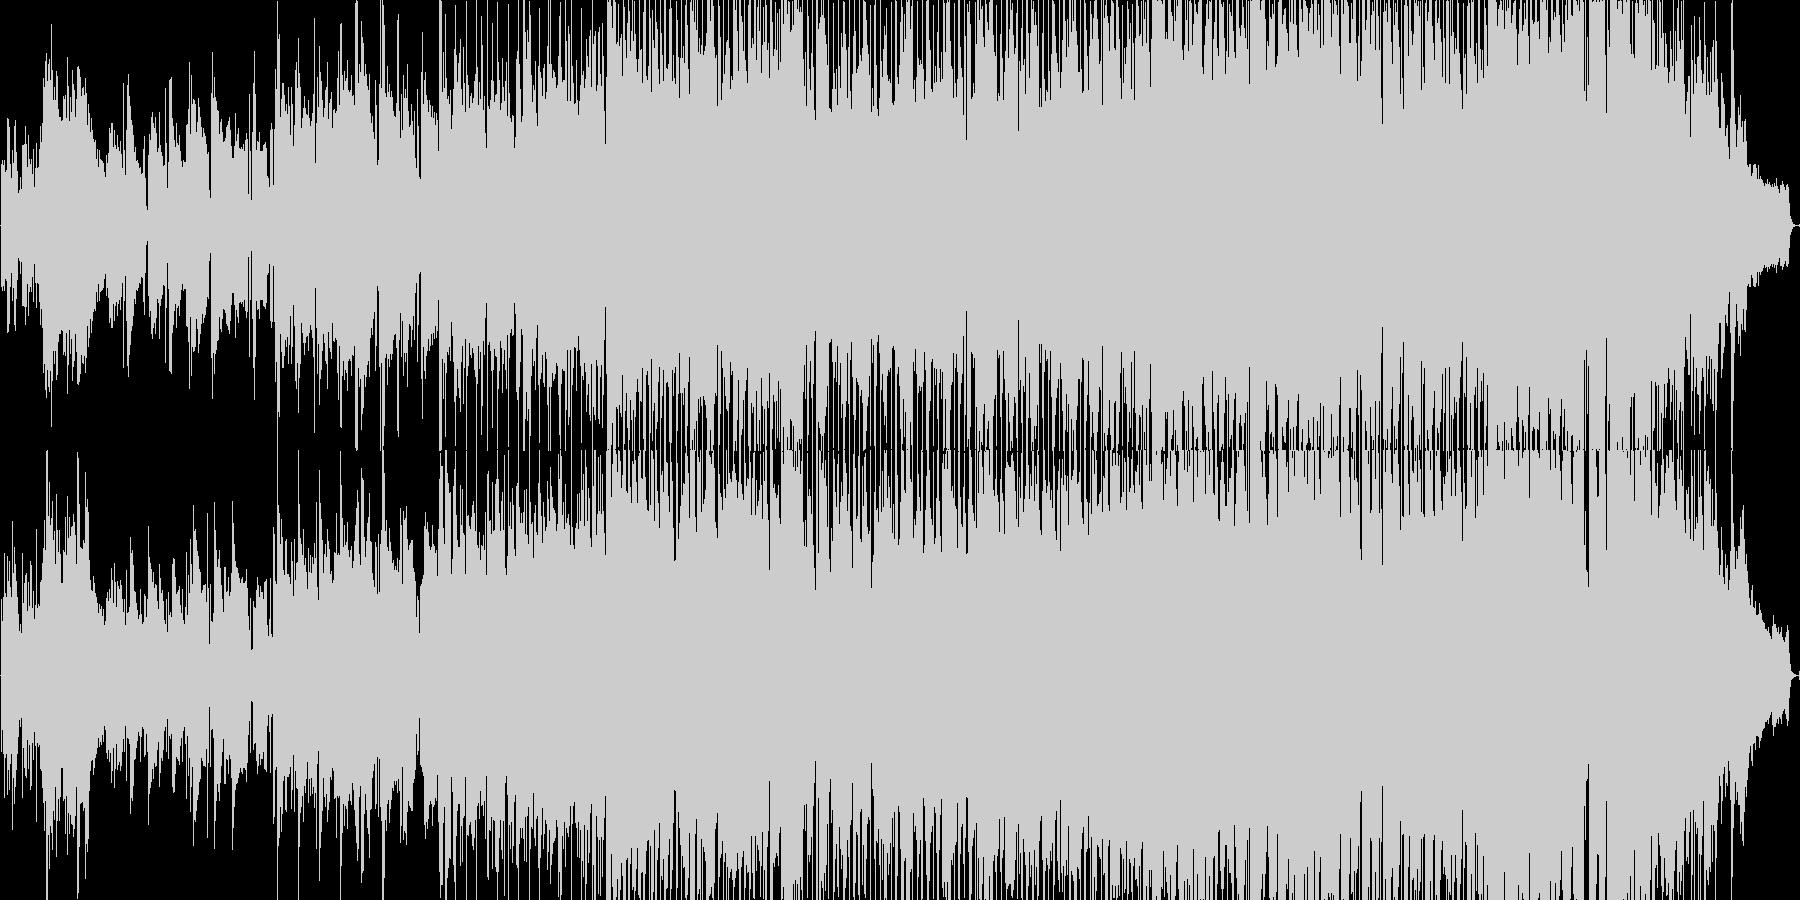 落ち着いた雰囲気のJポップバラードの未再生の波形